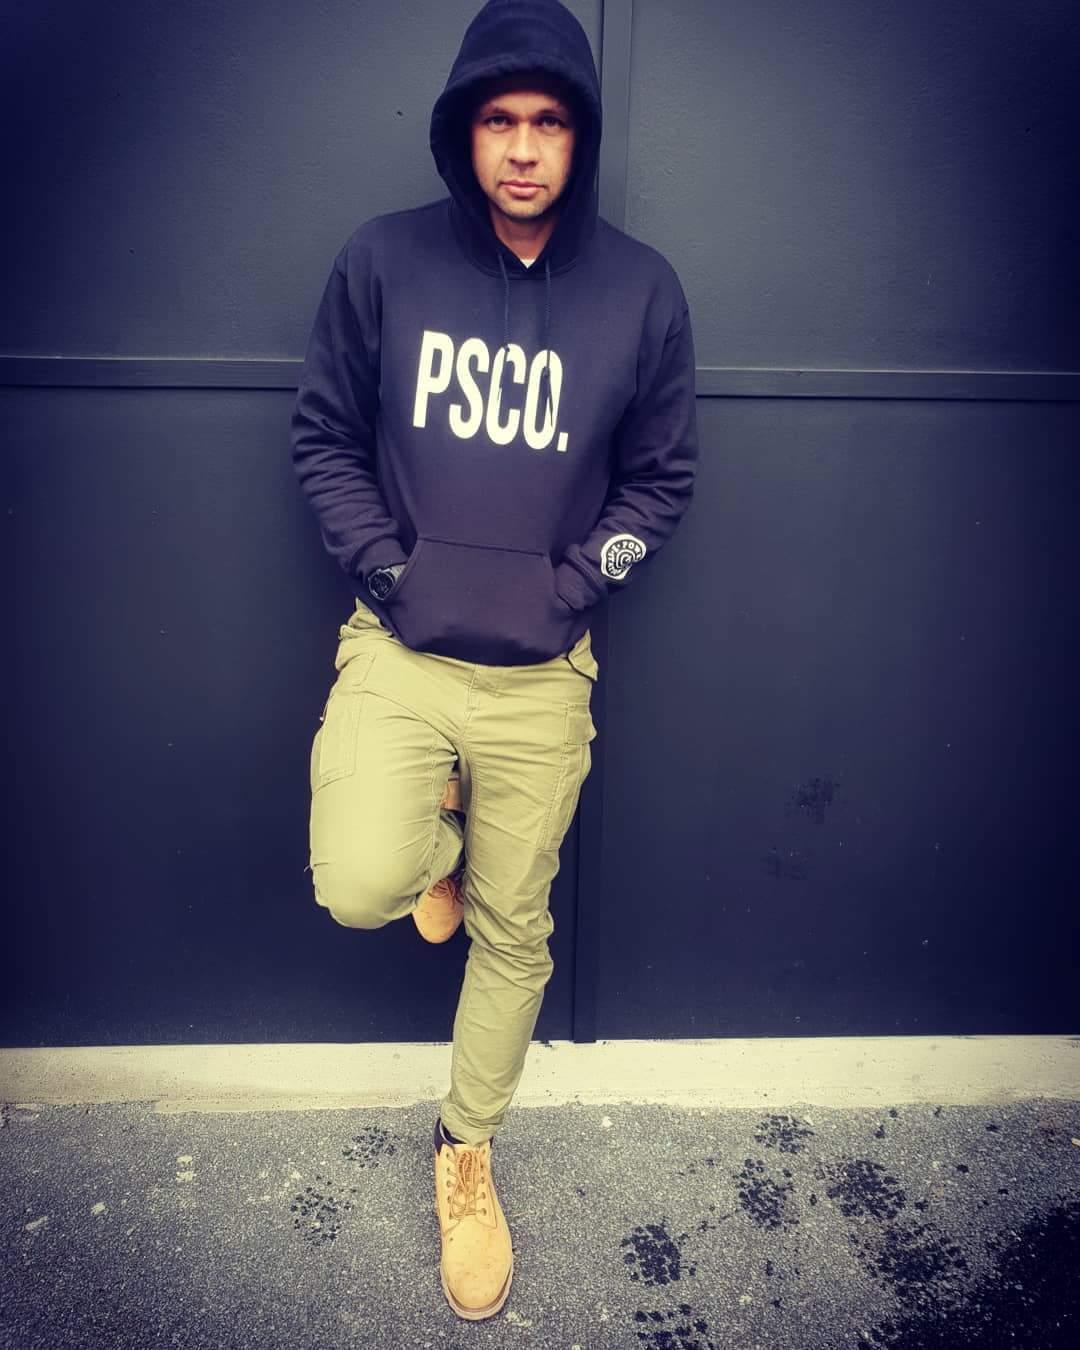 Image of PSCO. Hoodie